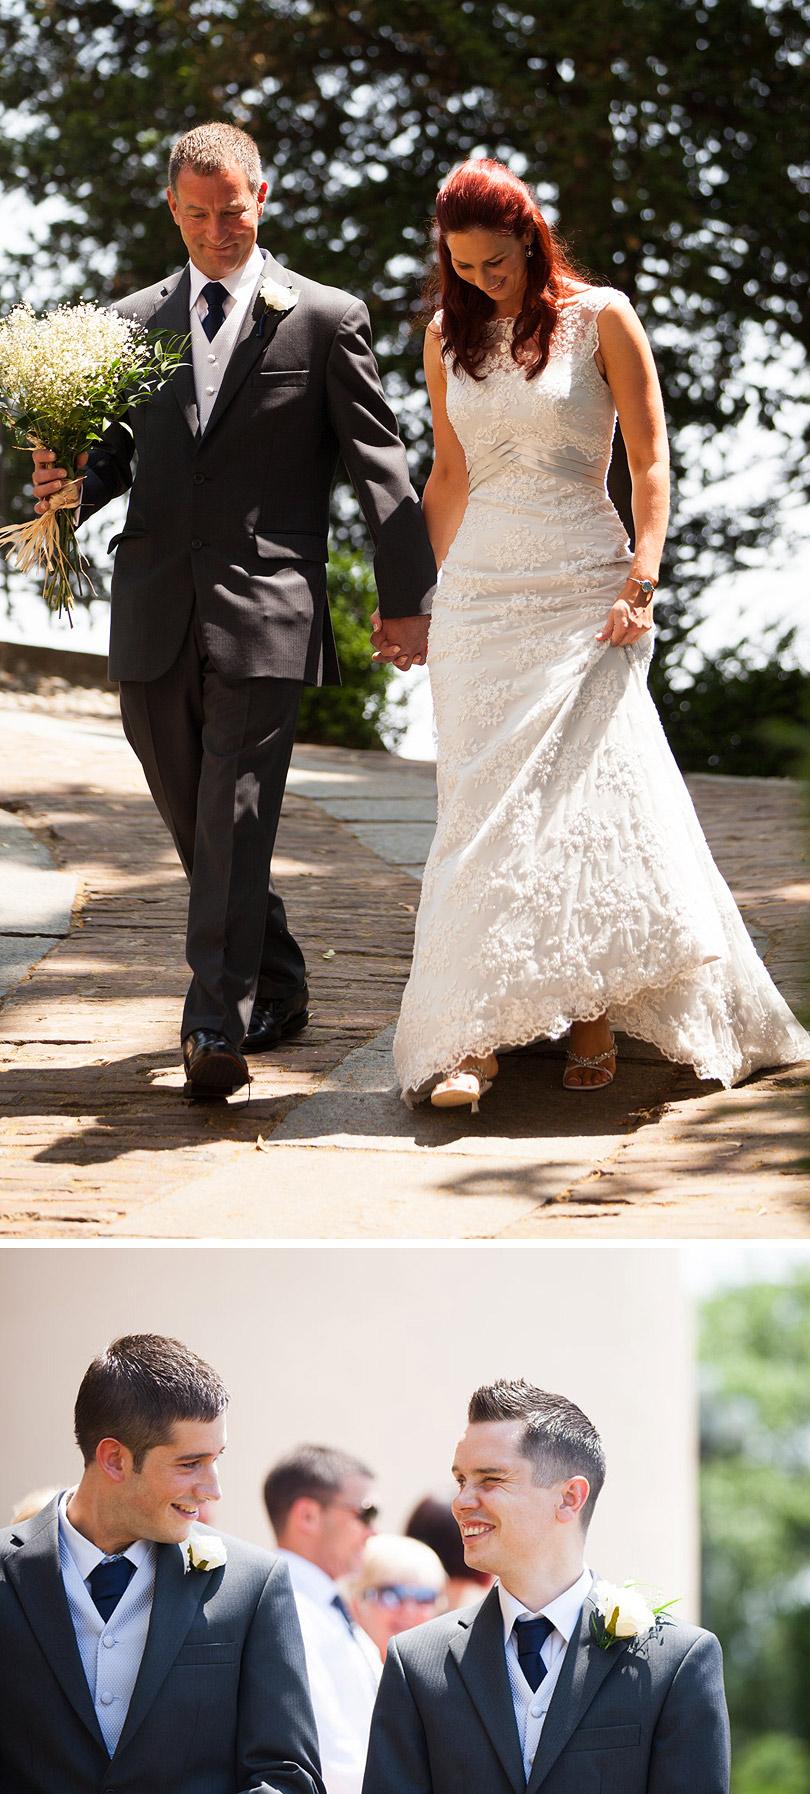 Casetello-di-Cortanze-Italian-Wedding-LilyandFrank-11.jpg